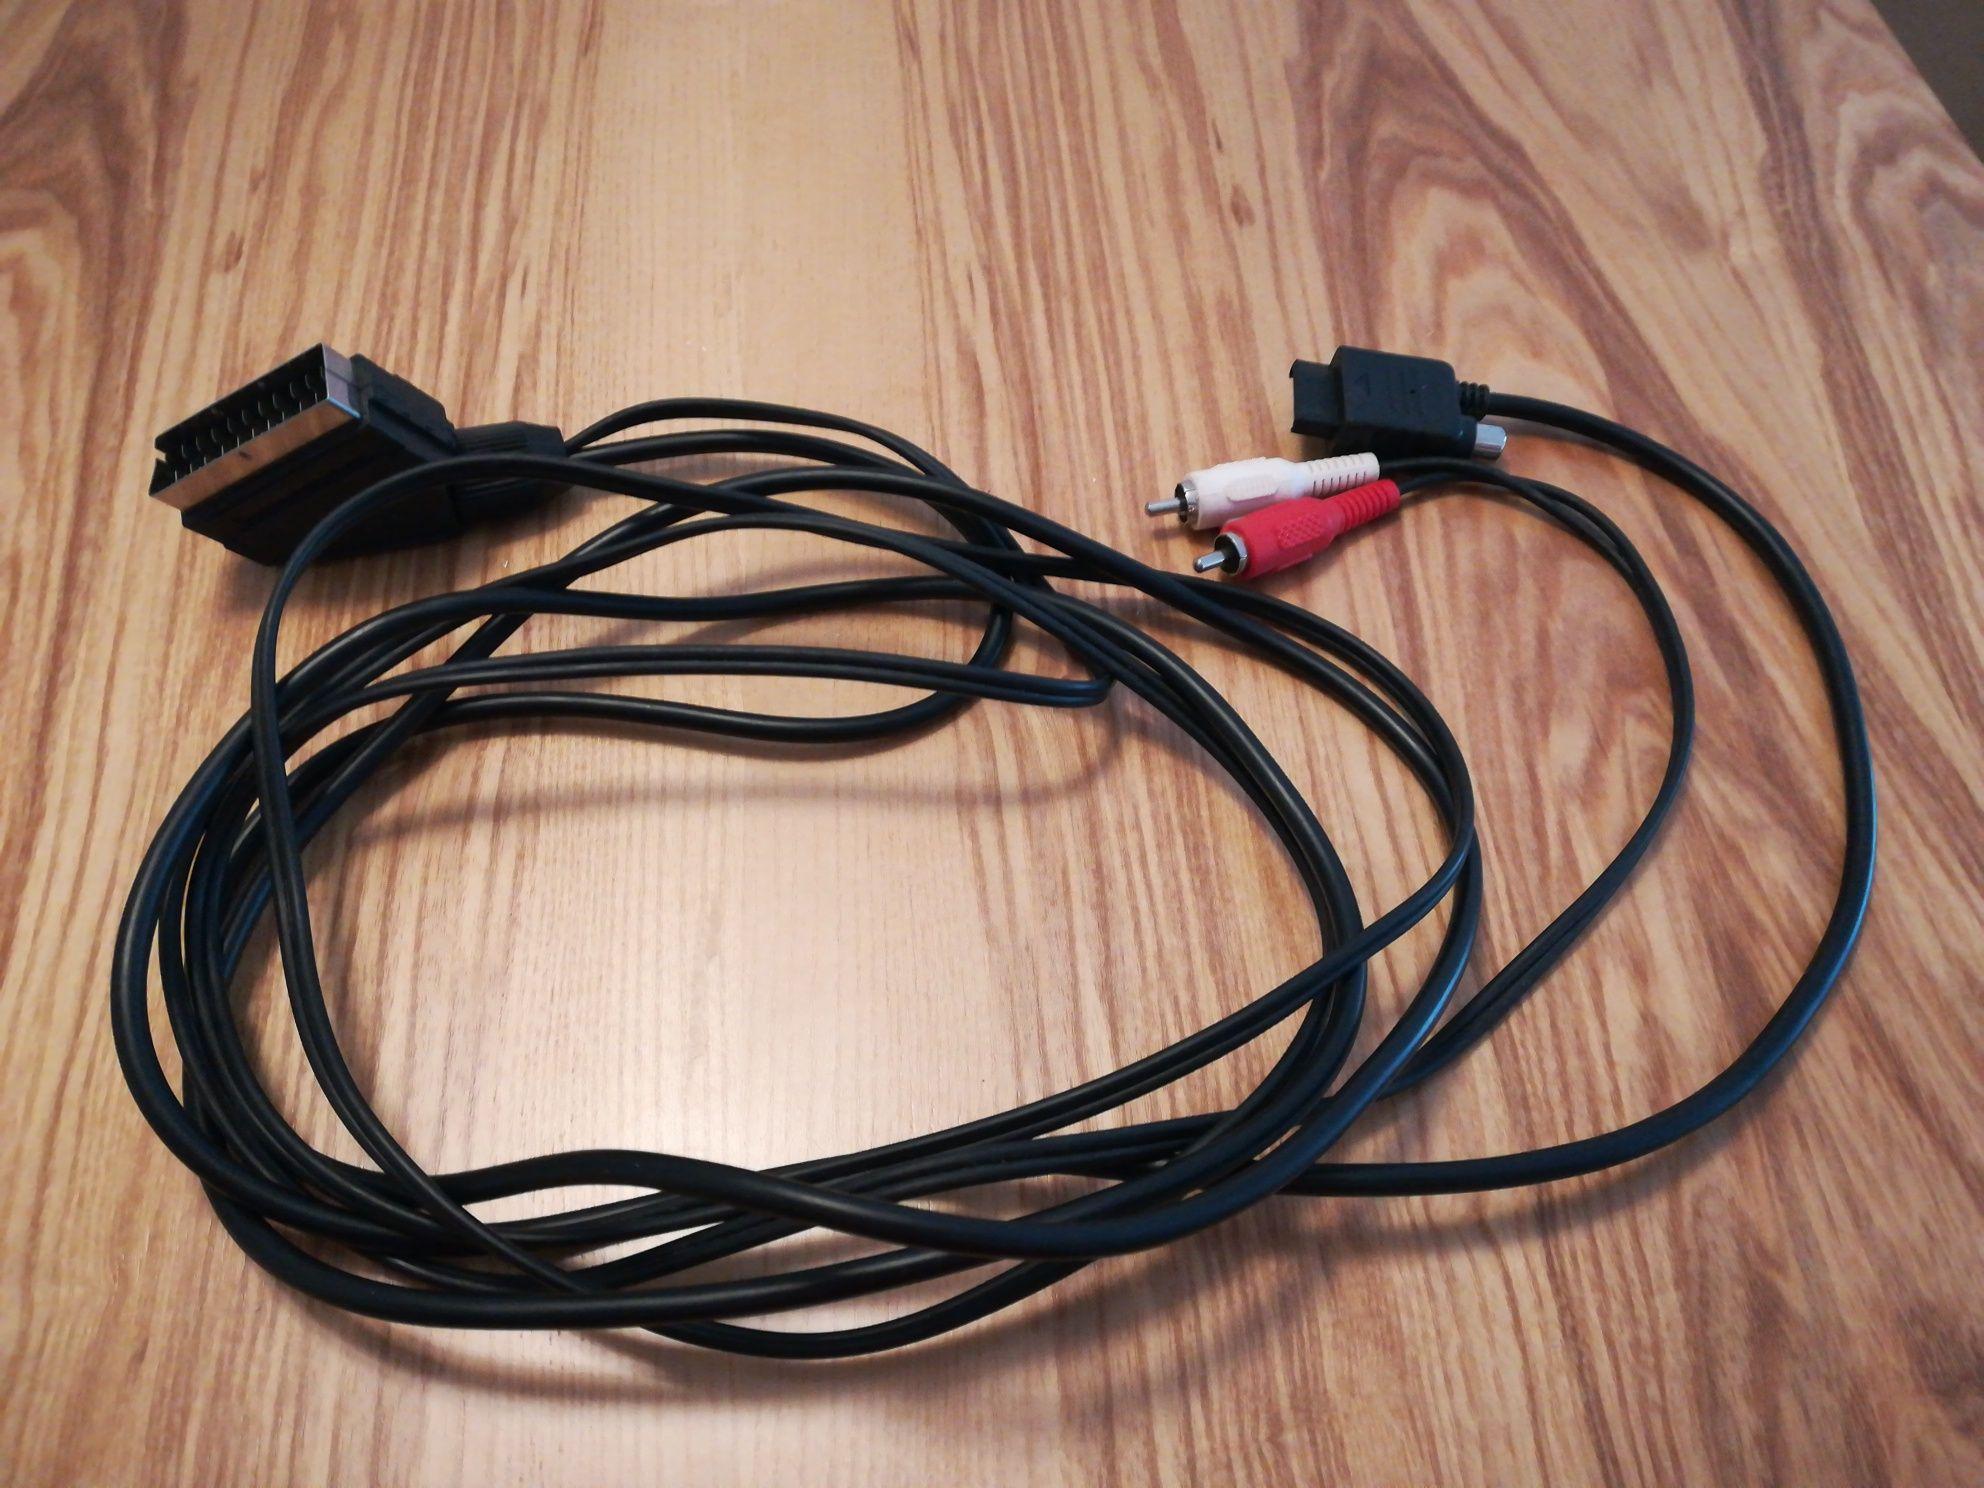 Cabo RGB para Playstation1/2 com saídas de audio